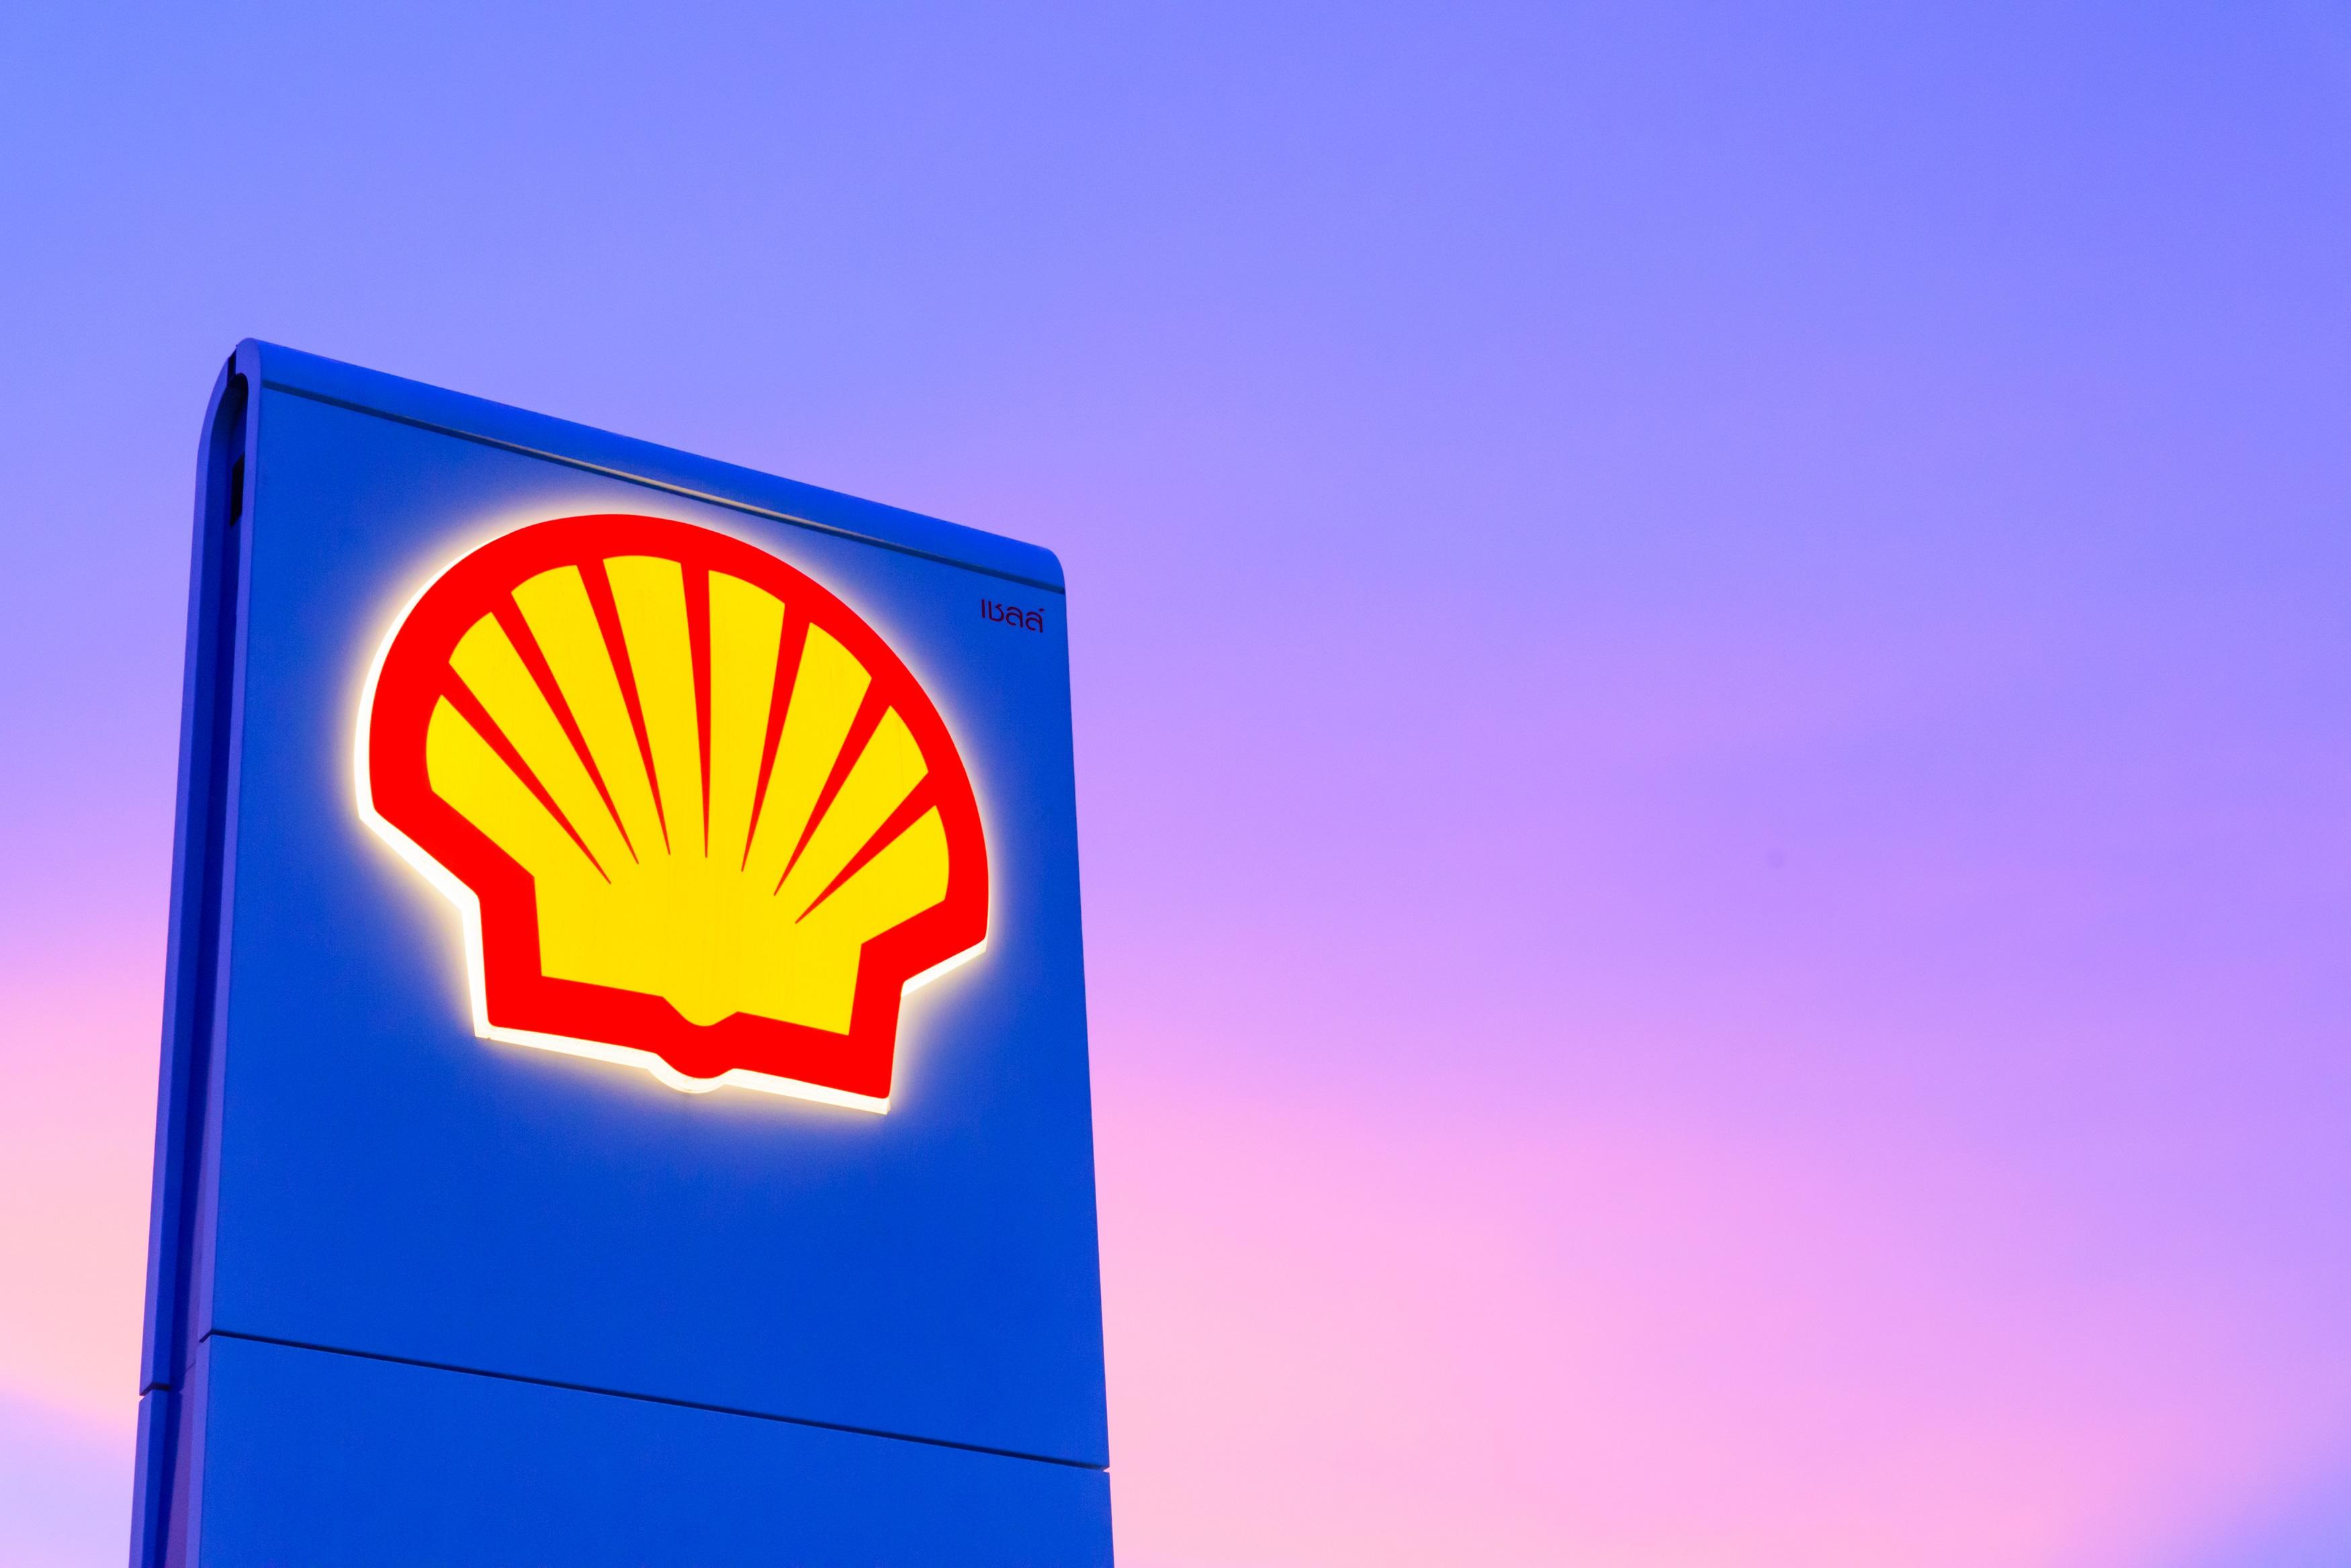 Top 10 Oil & Gas Companies: Royal Dutch Shell.